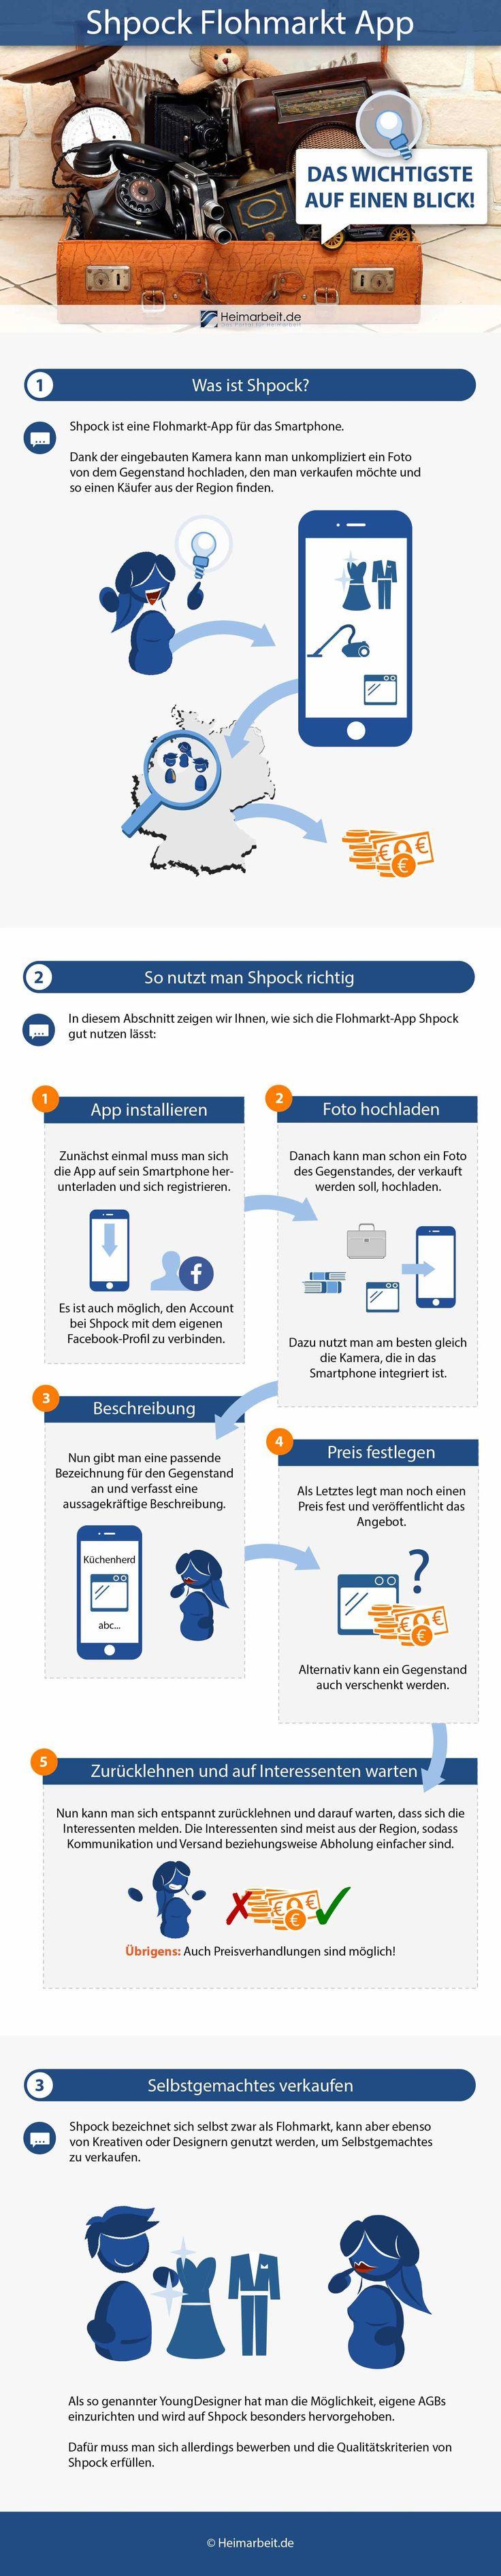 Flohmarkt, eBay oder Shpock? Hier erfahren Sie was Sie über die Shpock Flohmarkt-App wissen müssen. Damit können Sie sich schnell ein Bild machen, wo Sie Ihre gebrauchten Sachen am besten weiterverkaufen können.